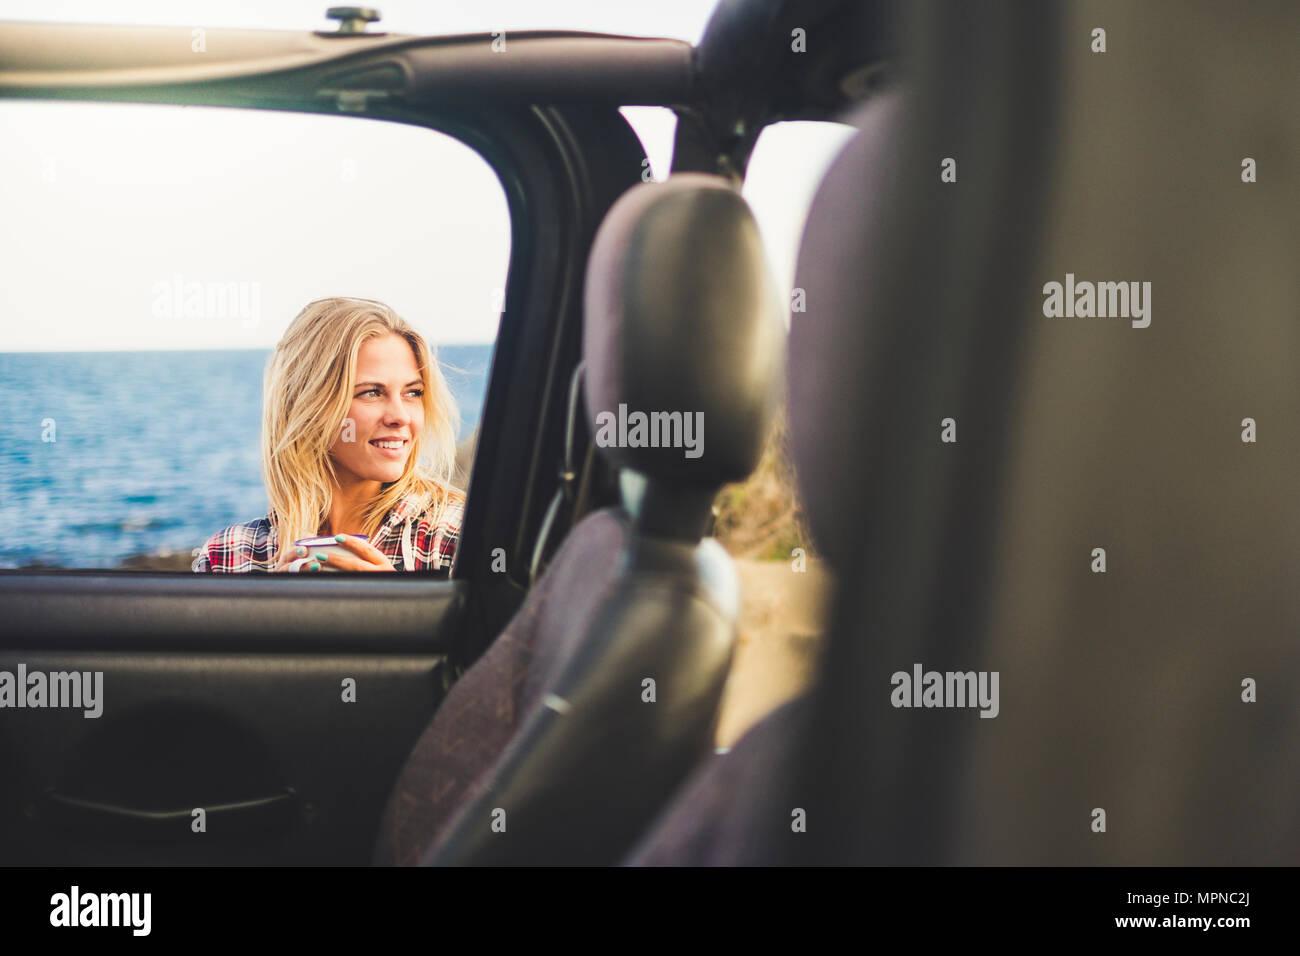 Traveler blonde lange Haare Mädchen nehmen Sie eine Tasse mit heißem Kaffee oder Tee trinken außerhalb einer offenen off road Auto. Ozean Hintergrund und nettes Lächeln. Unabhängige trav Stockbild